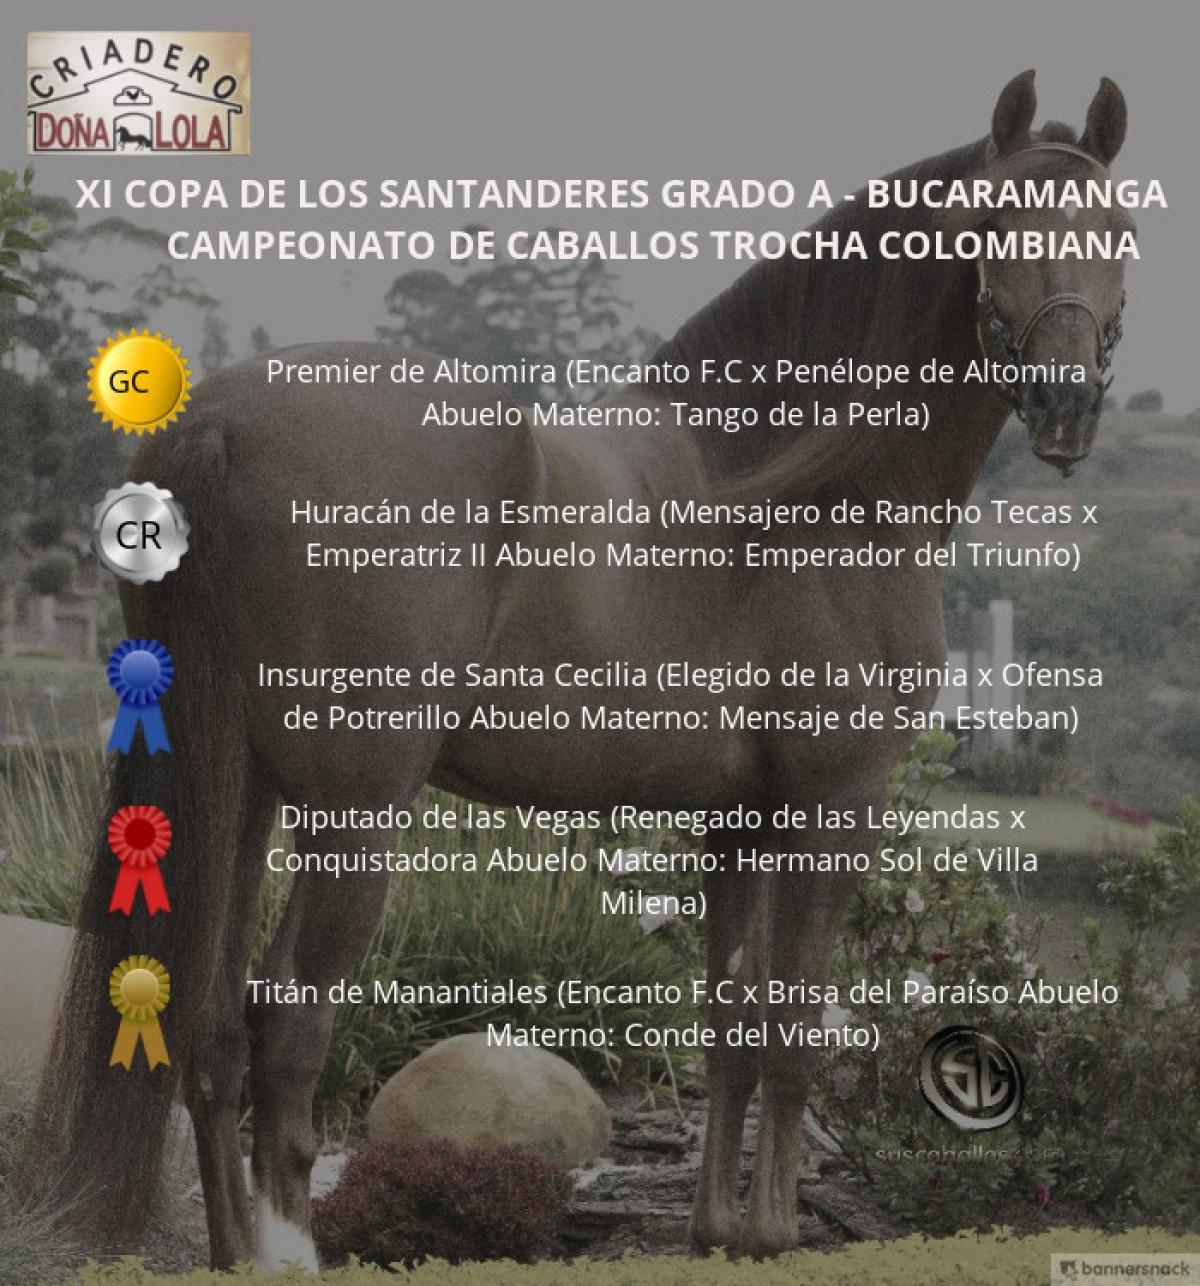 VÍDEO: Premier Campeón, Huracán Reservado, Trocha Colombiana, Bucaramanga